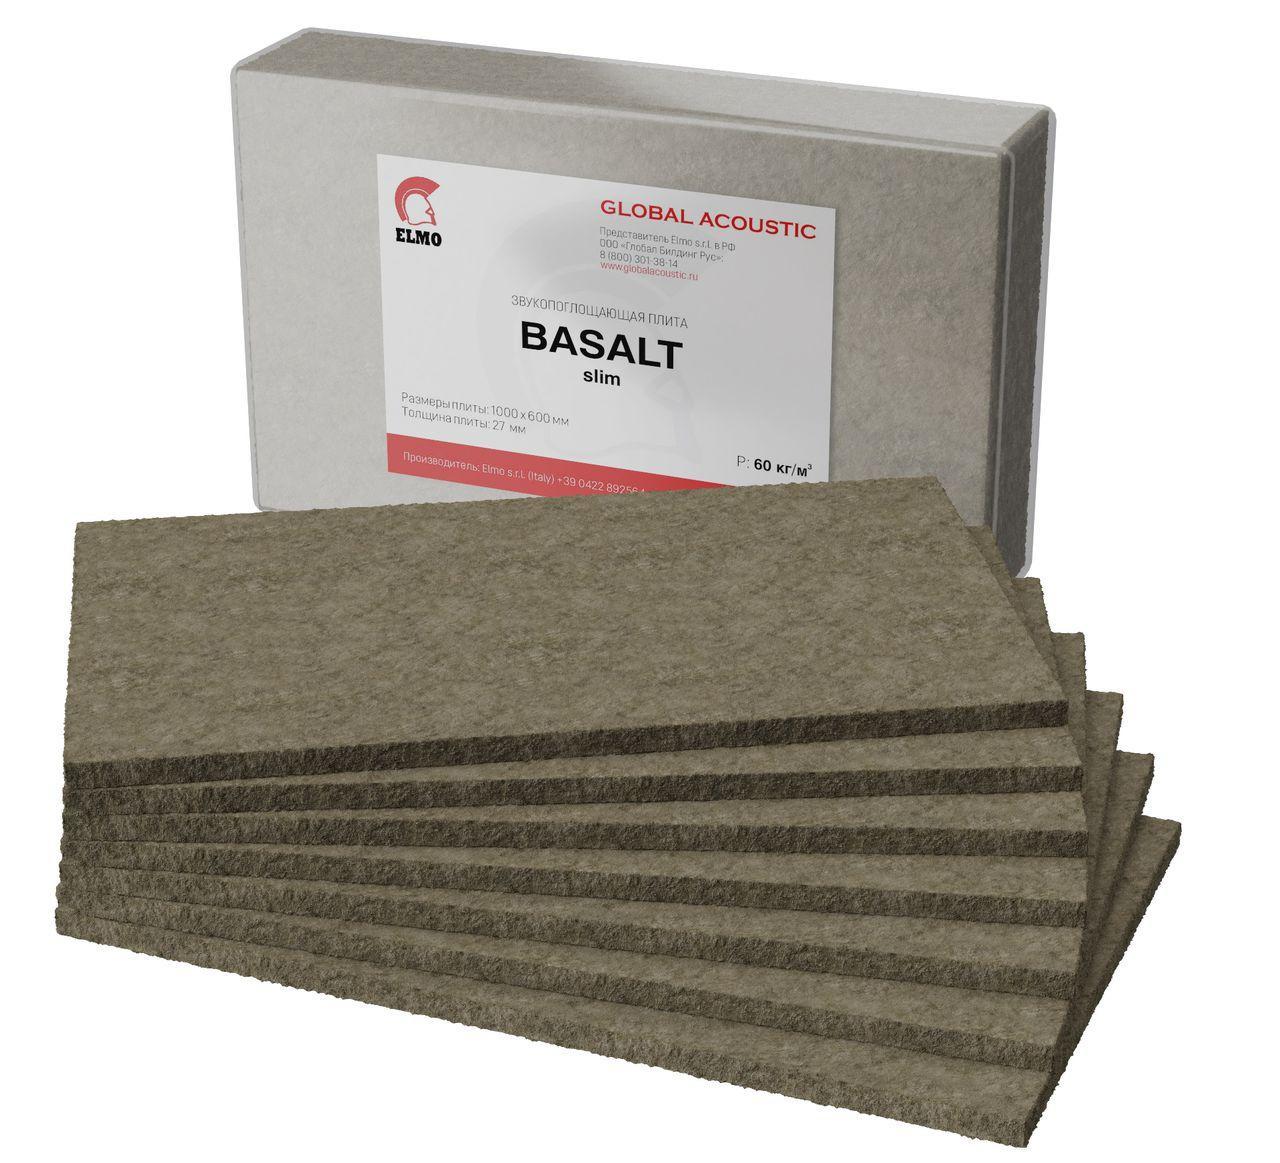 Звукопоглощающая плита Basalt Slim